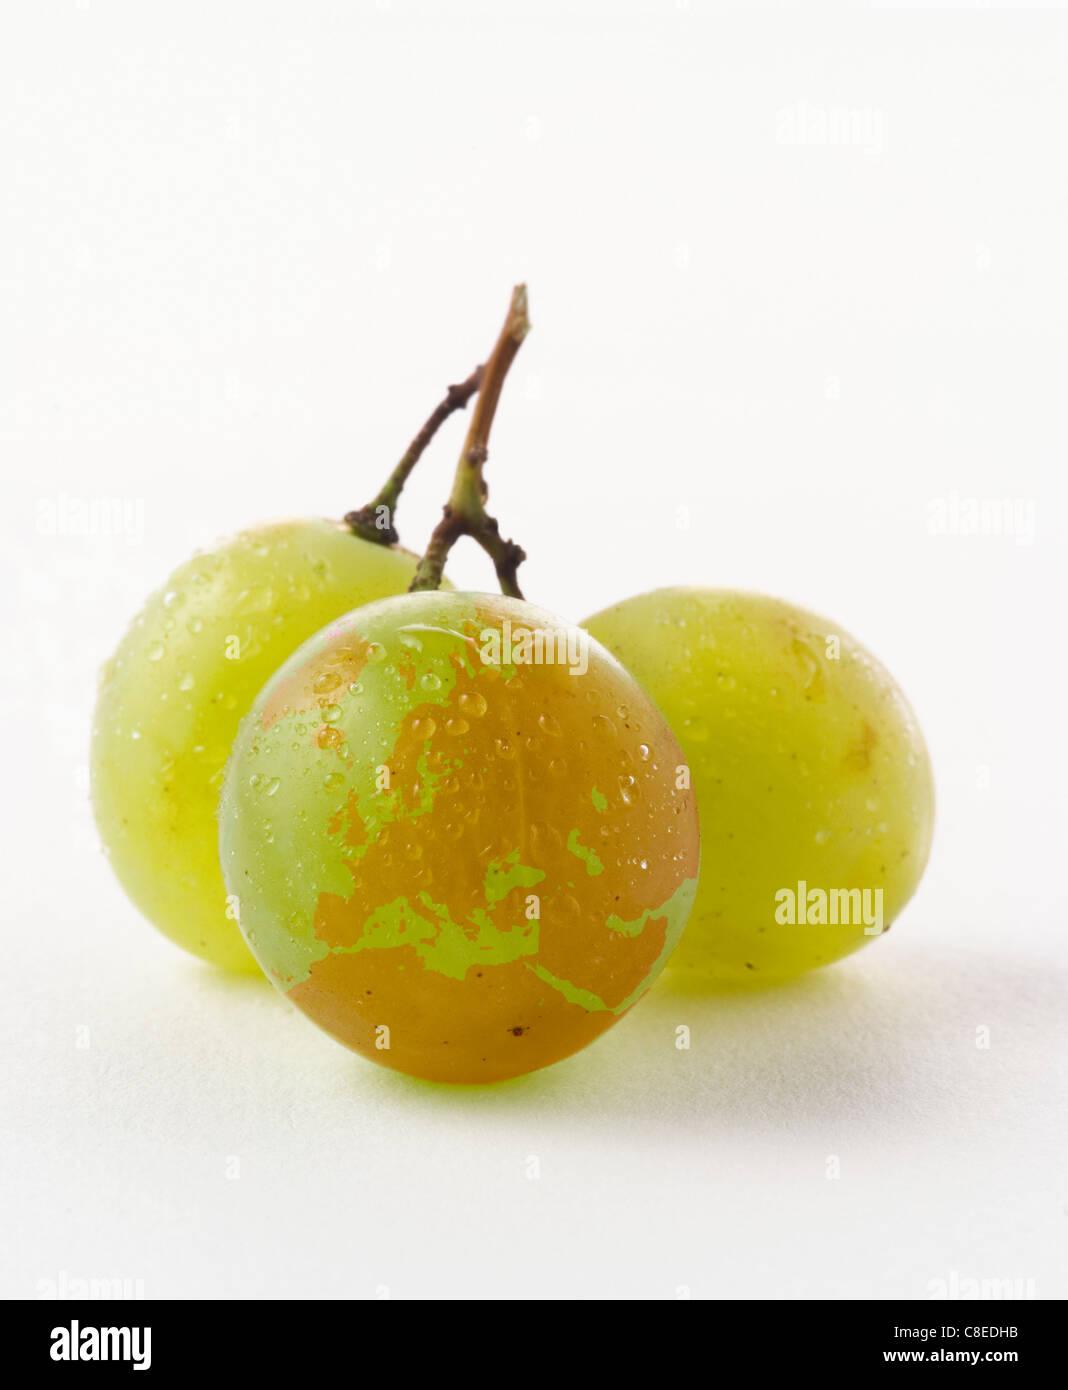 Continent européen dessiné sur un raisin blanc Photo Stock